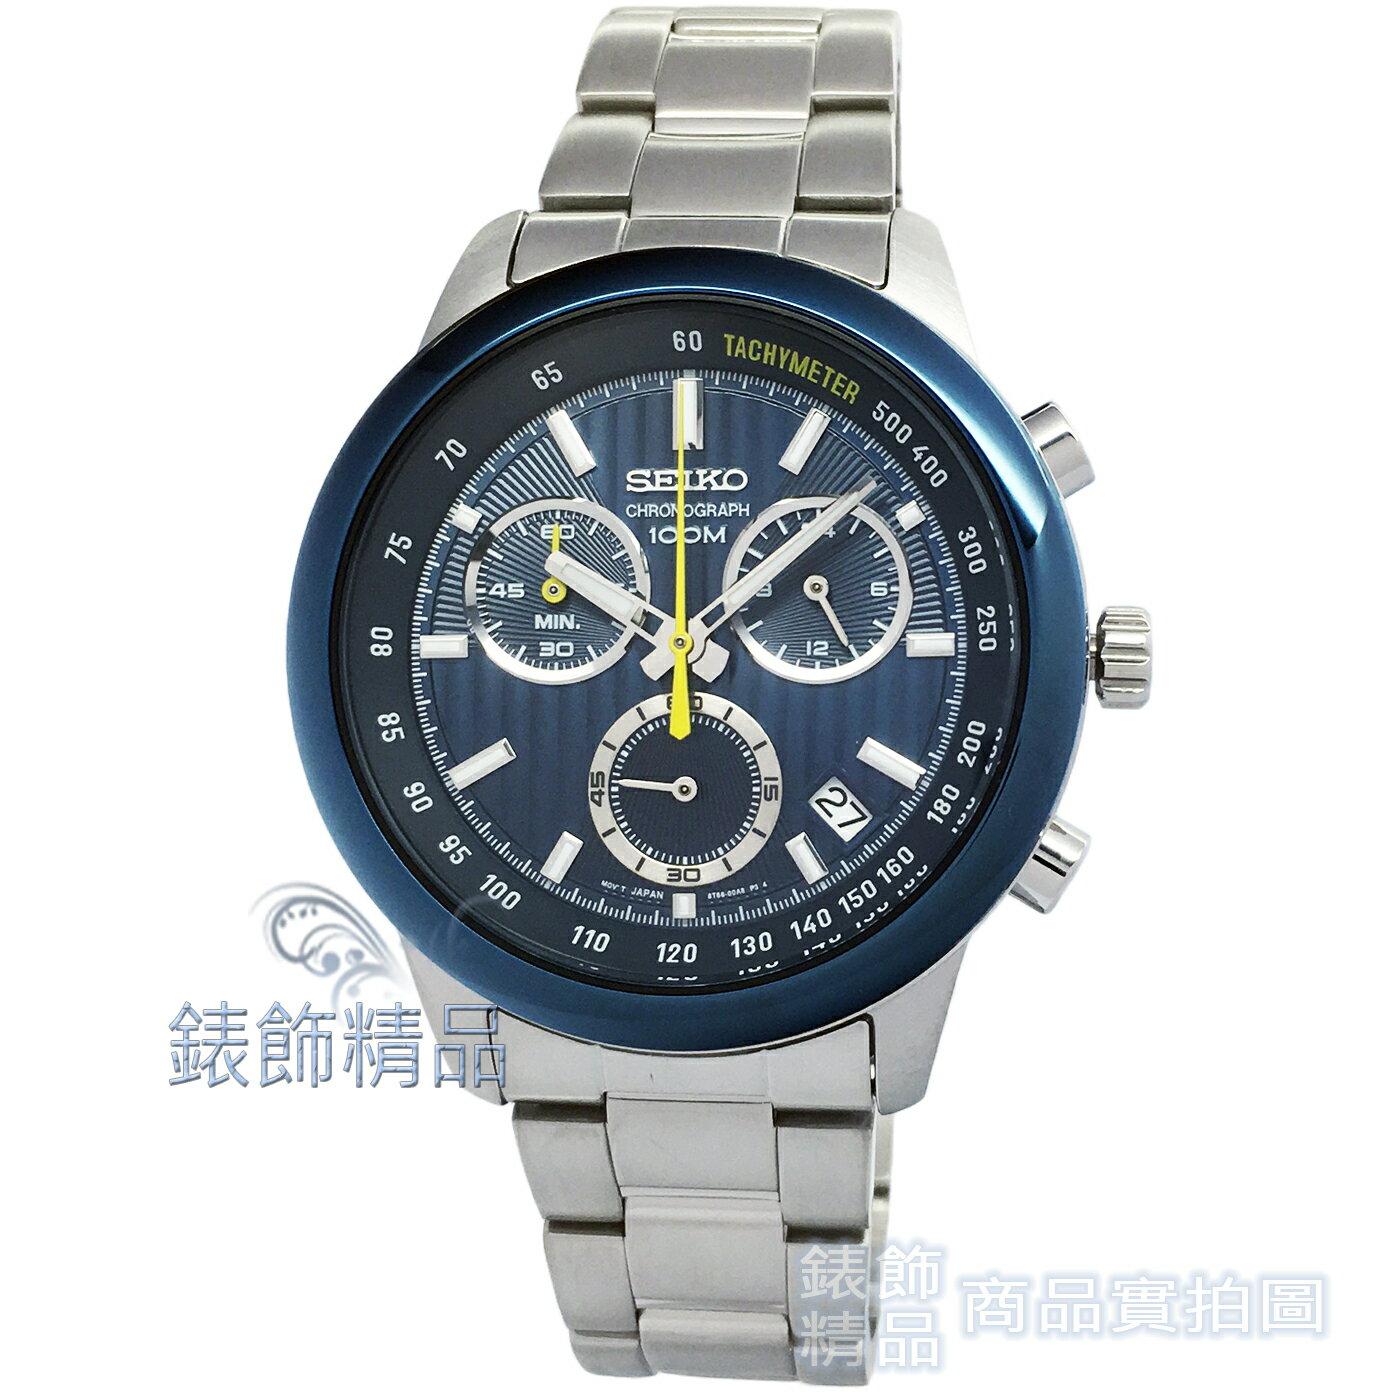 【錶飾精品】SEIKO精工表 SSB207P1 直紋湛藍鋼帶男錶 三眼計時日期 全新原廠正品 生日禮品